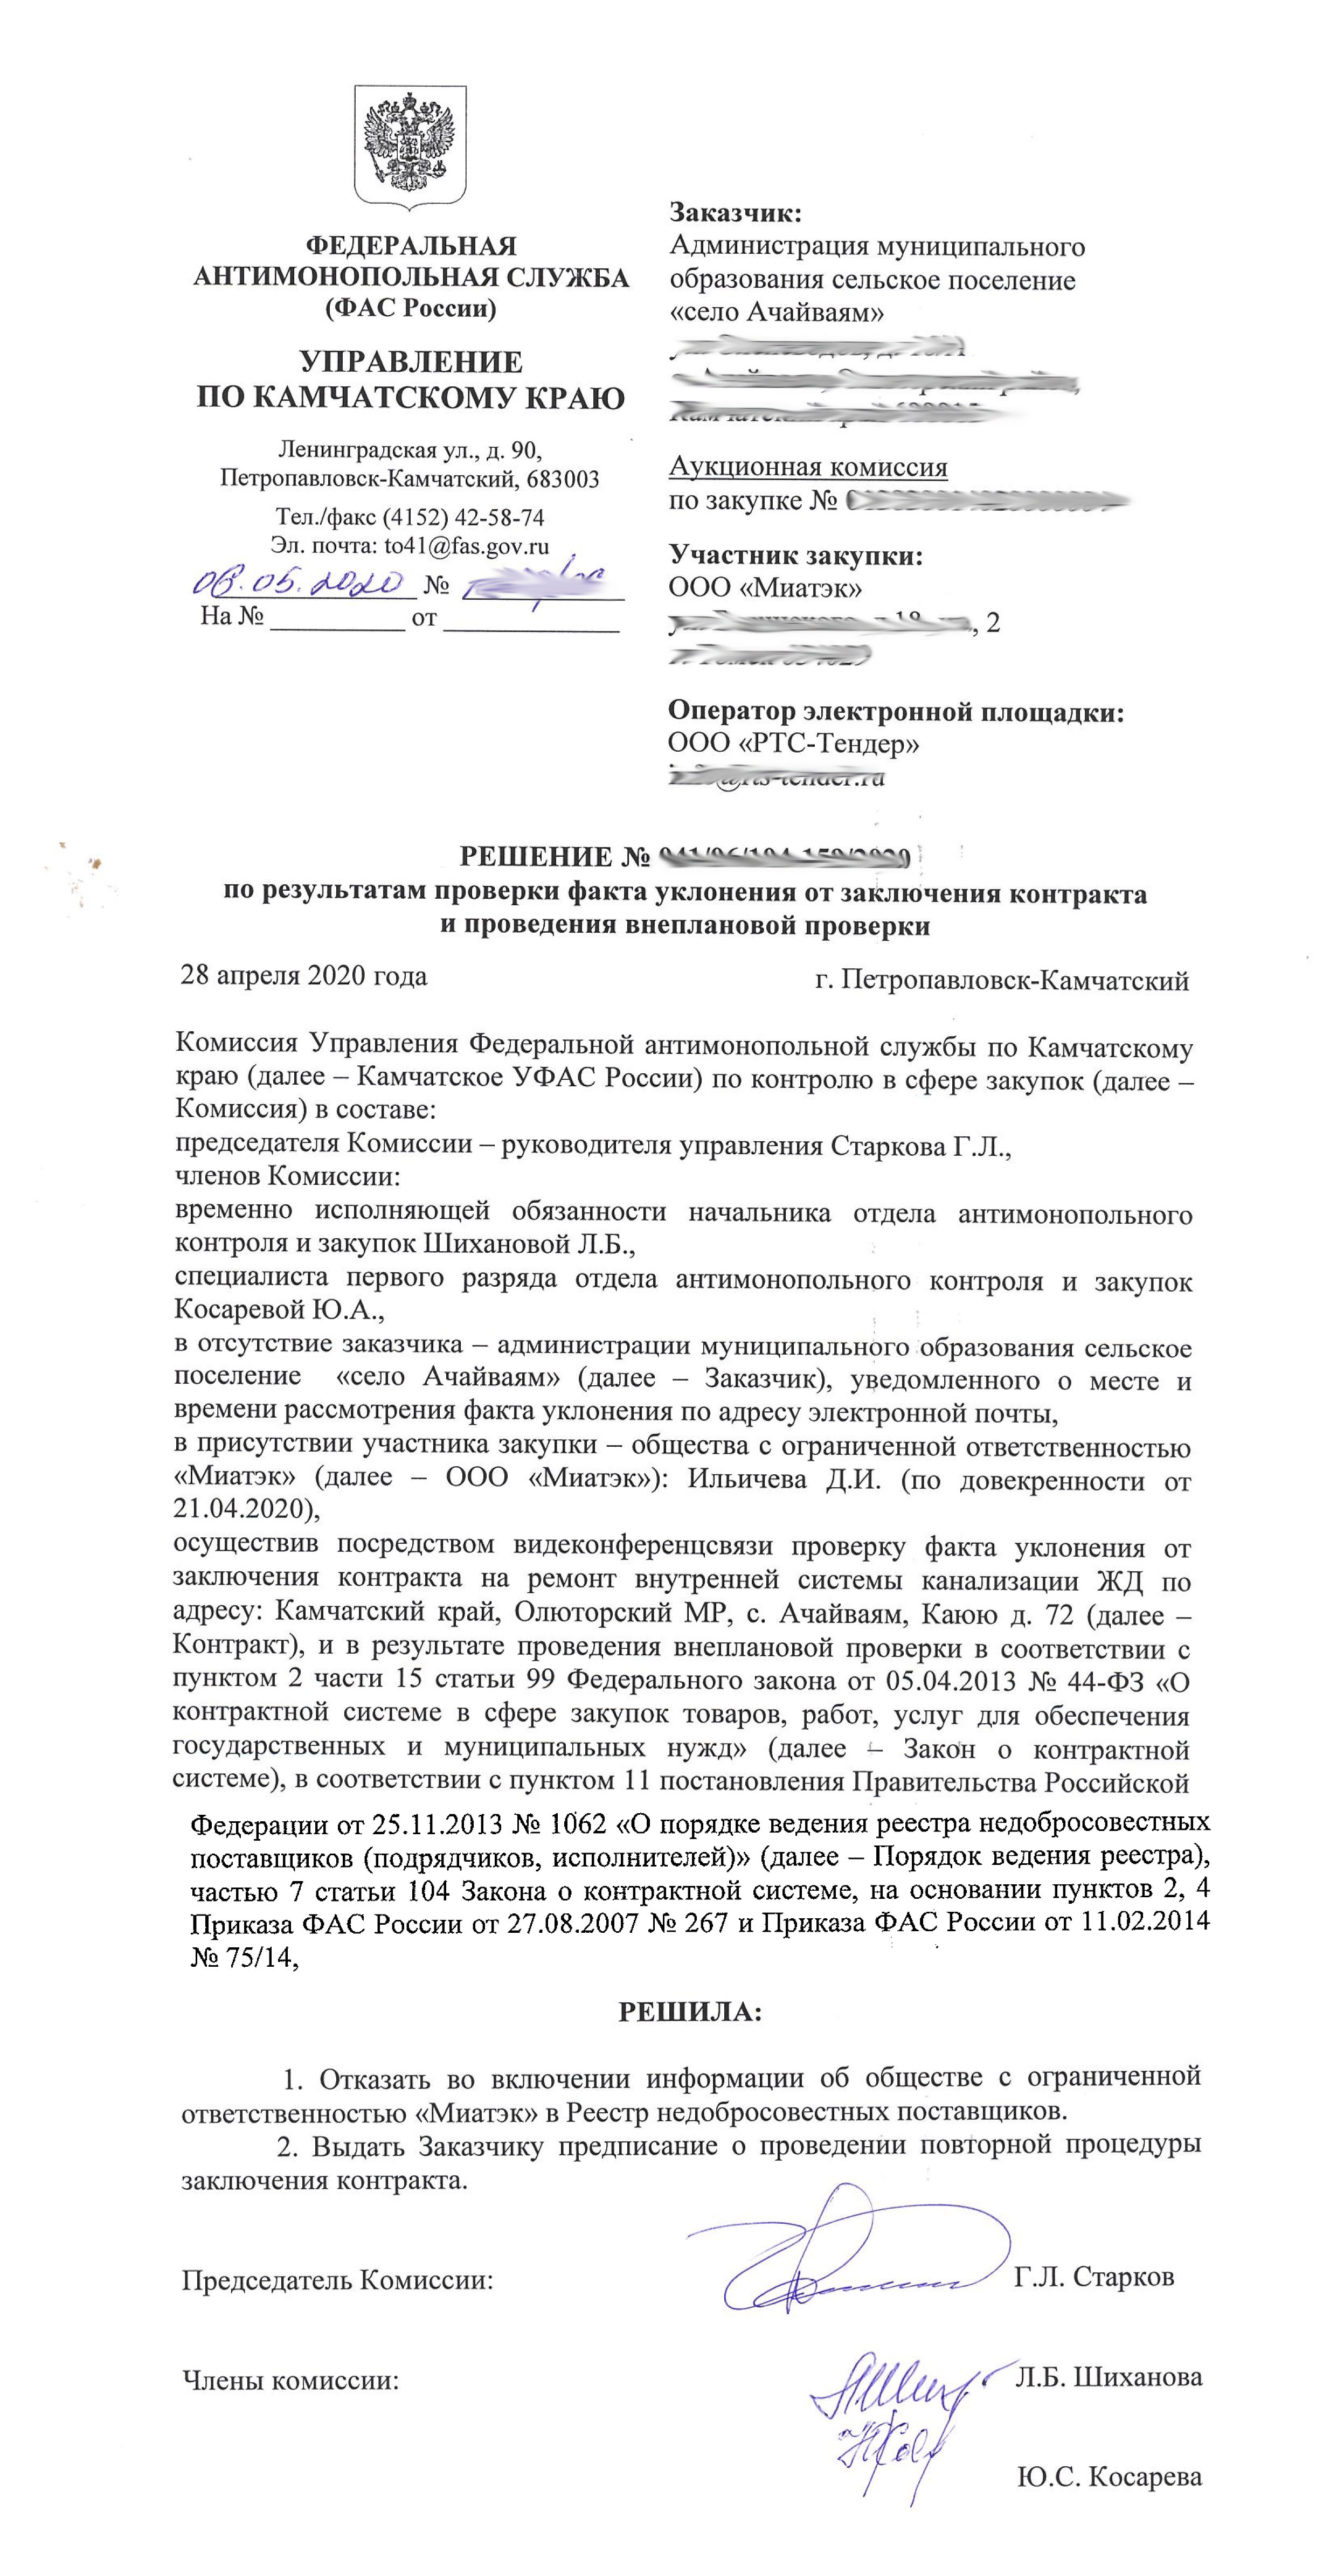 Камчатский УФАС ООО Миатэк